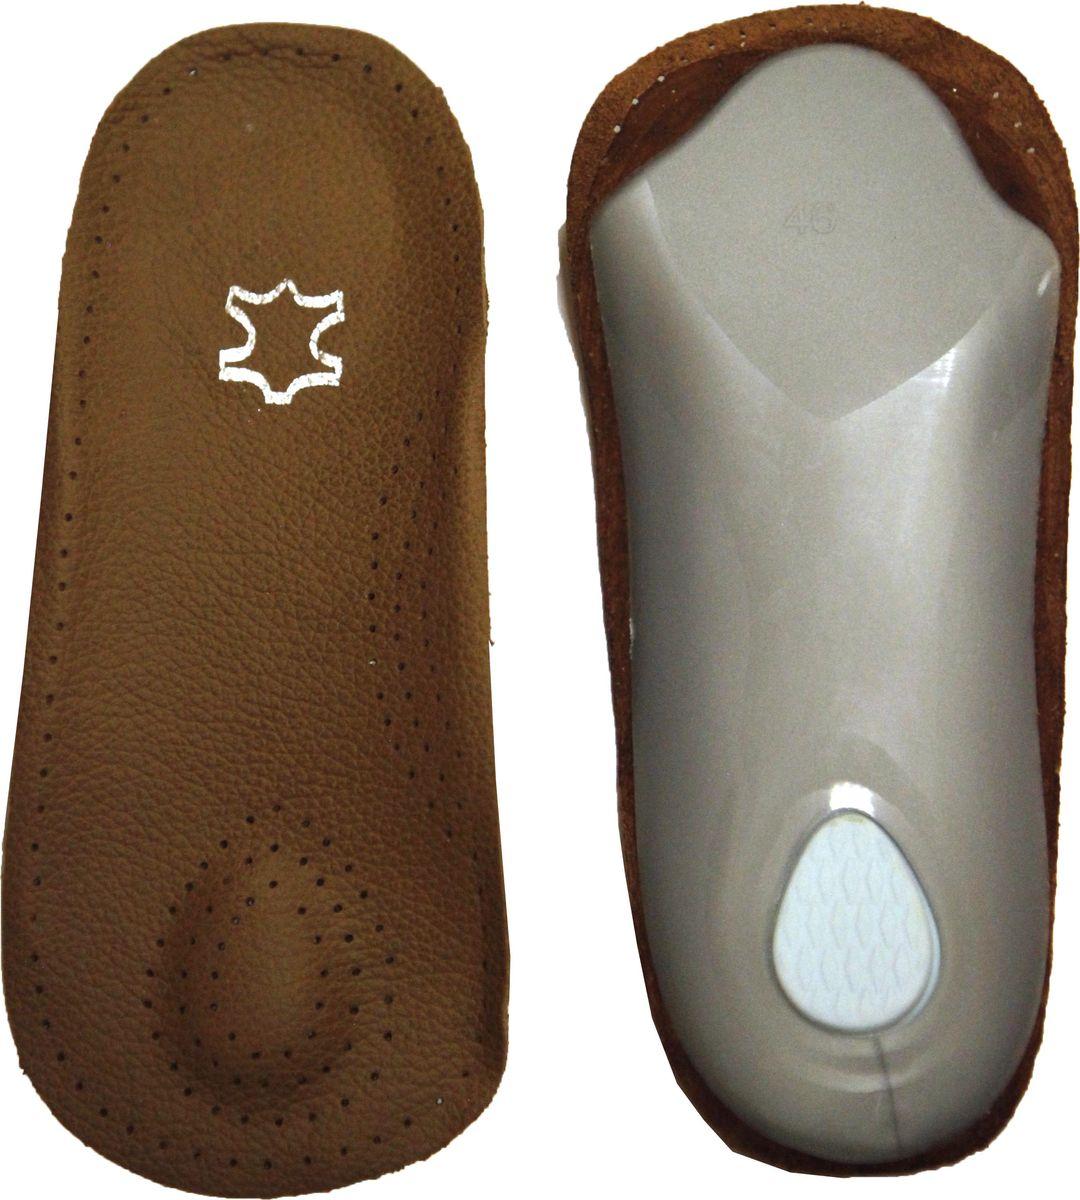 Полустельки для обуви Практика Здоровья, цвет: коричневый. ПСТК1. Размер 45/46ПСТК1Полустелька каркасная кожанаяобеспечивает поддержку продольного и поперечного сводов стопы и защищает от развития плоскостопия. Имеет пяточный амортизатор, обеспечивающий снижение ударной нагрузки на пятку.